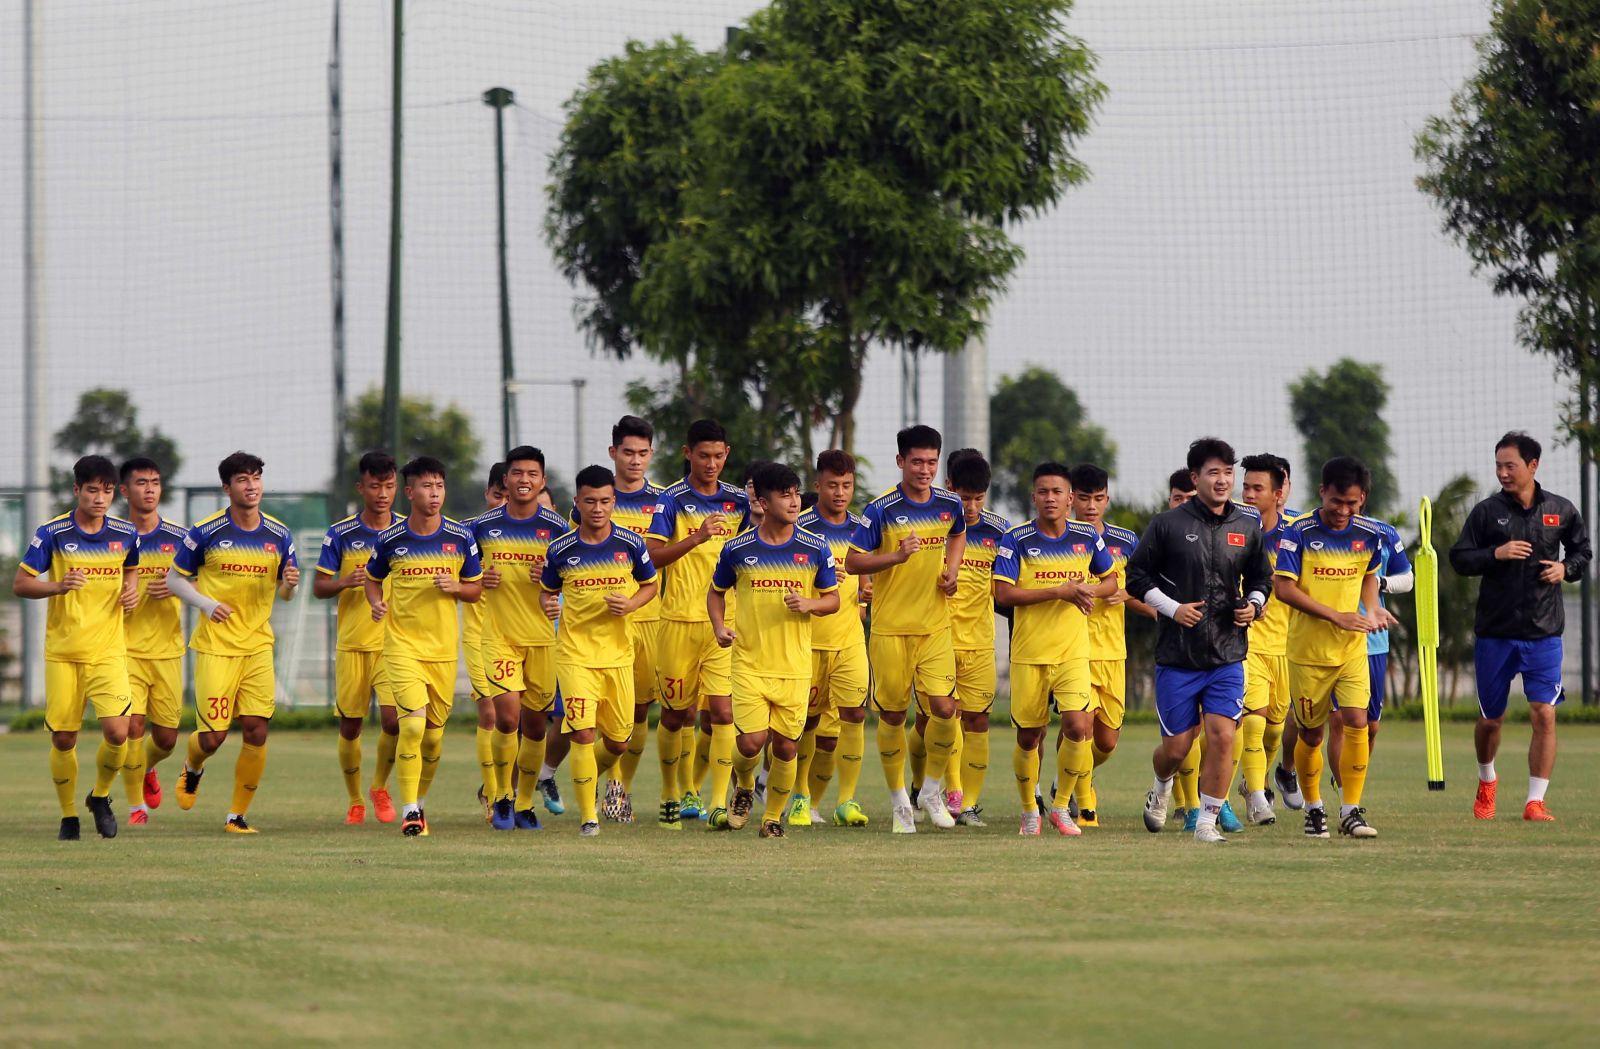 Danh sách ĐT U22 Việt Nam tập trung chuẩn bị cho chuyến du đấu tại Trung Quốc